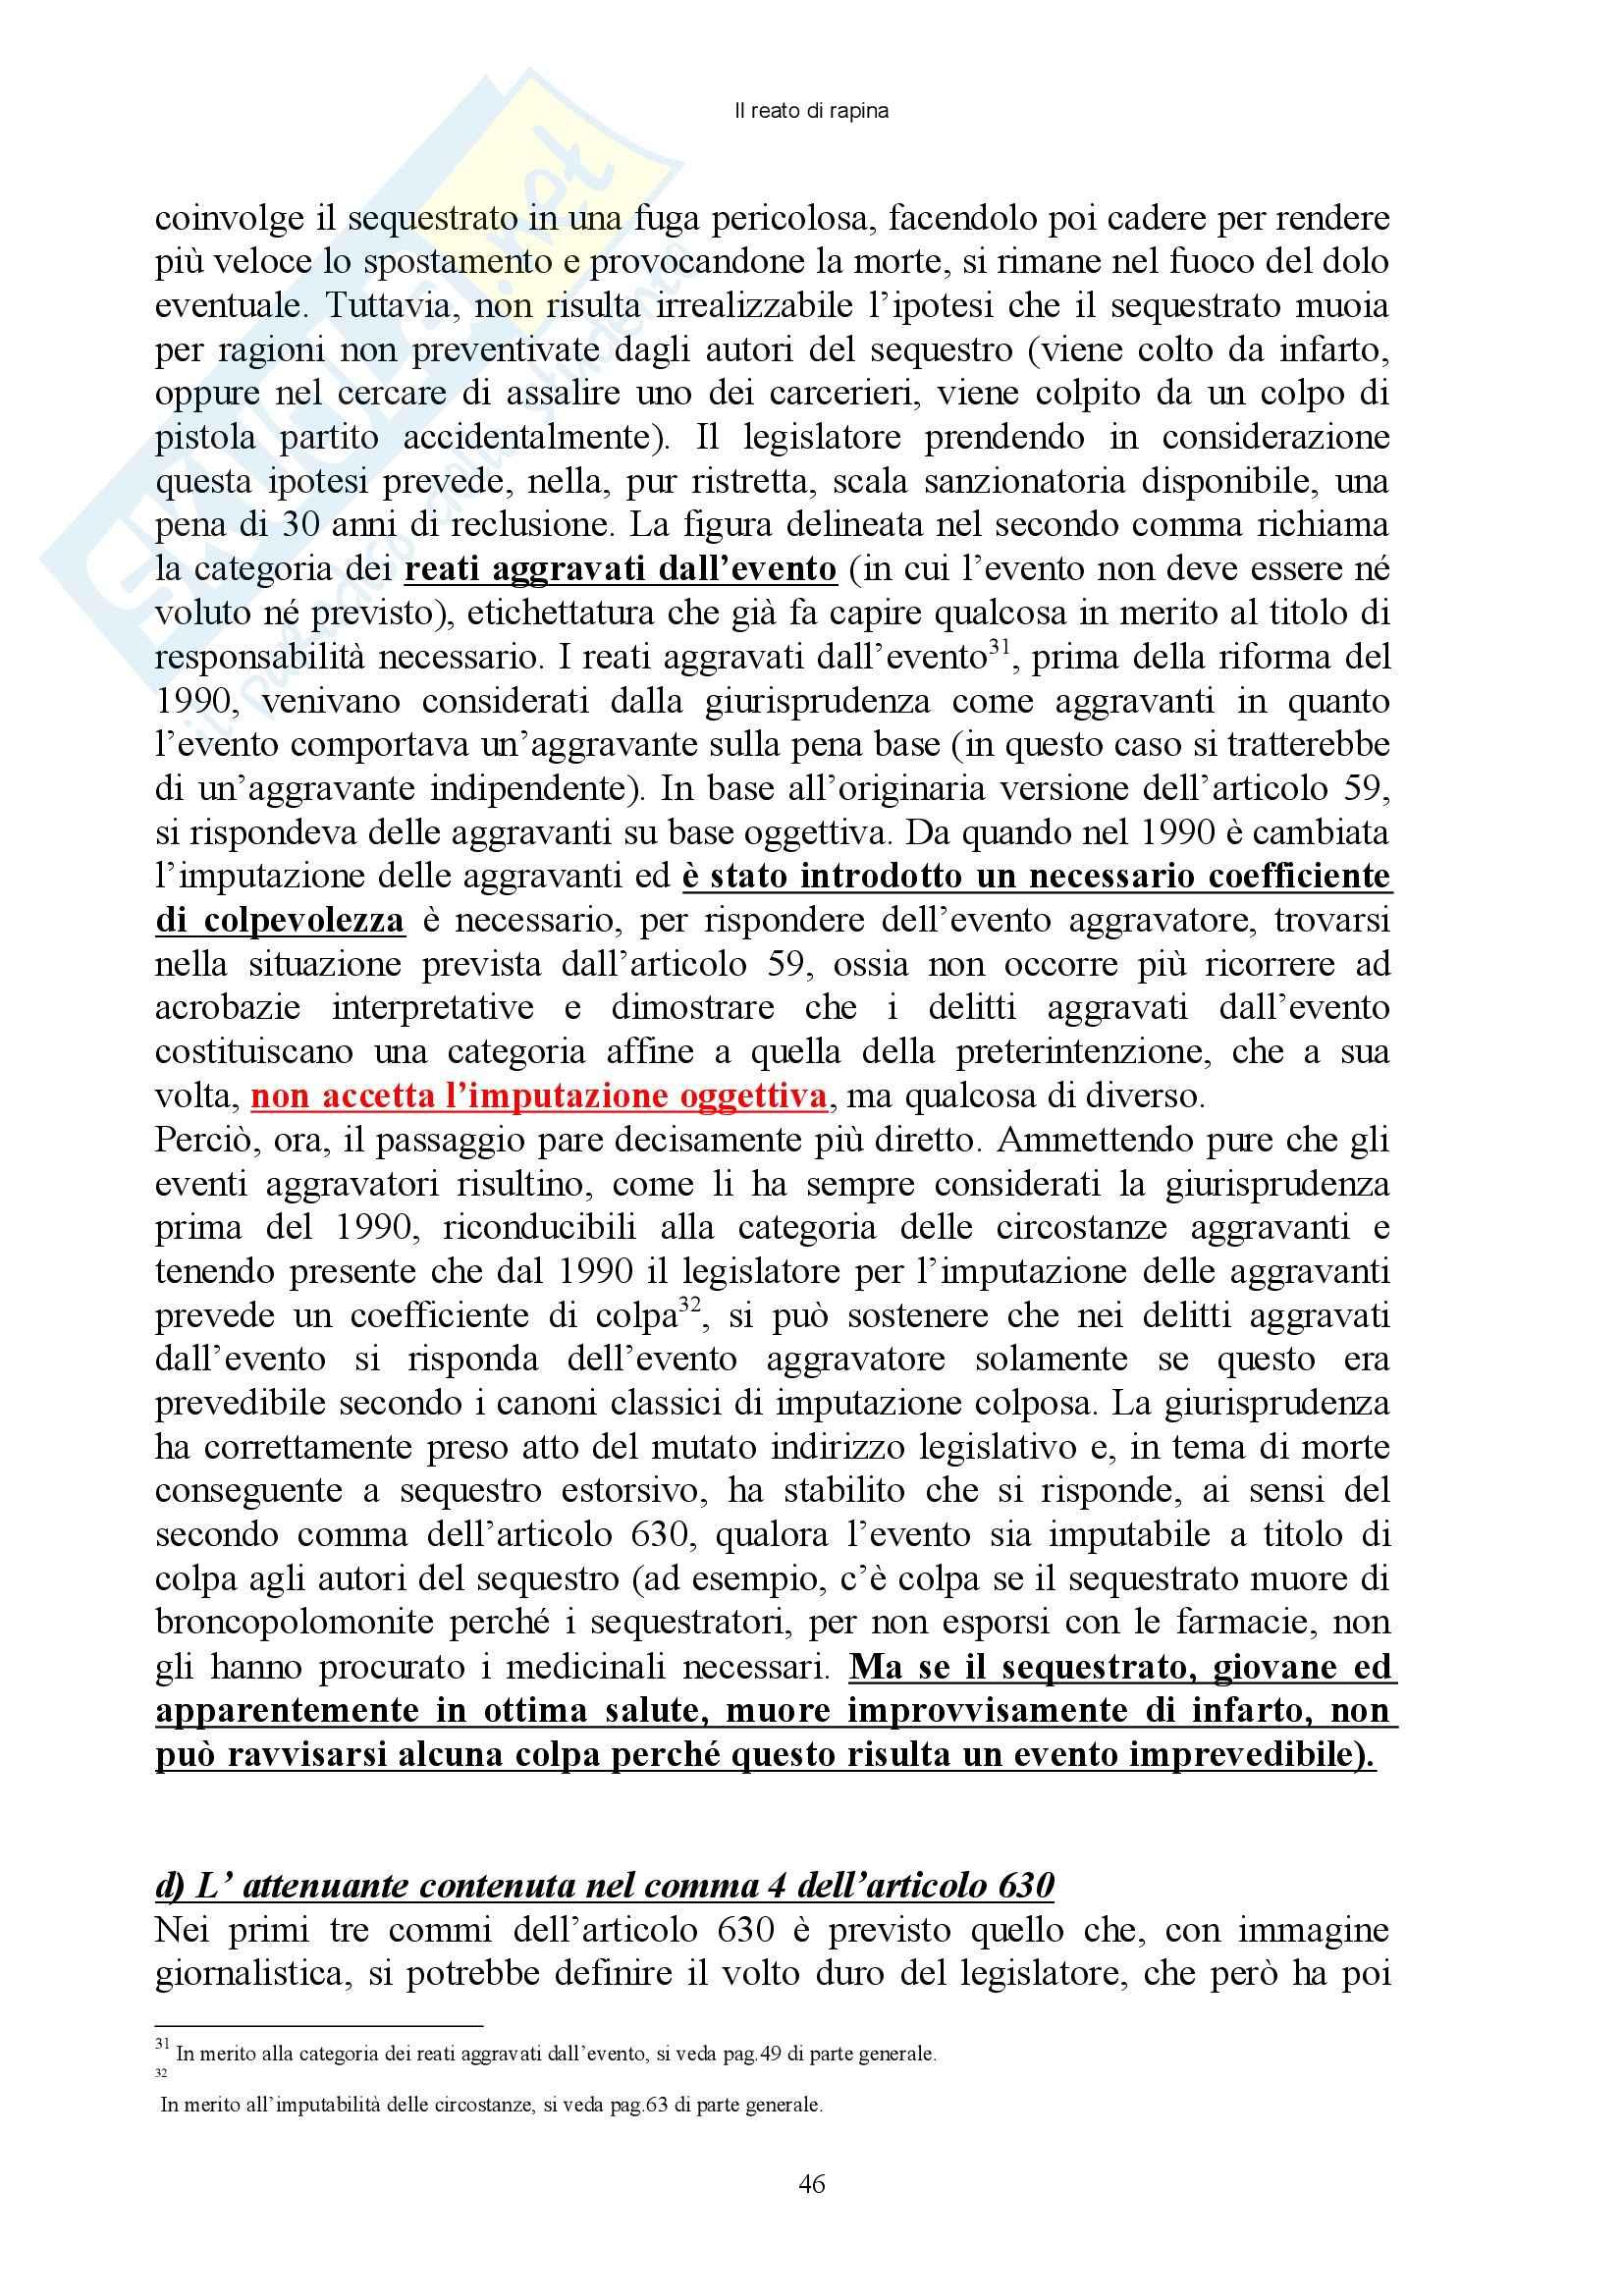 Diritto penale - reati contro il patrimonio - Appunti Pag. 46